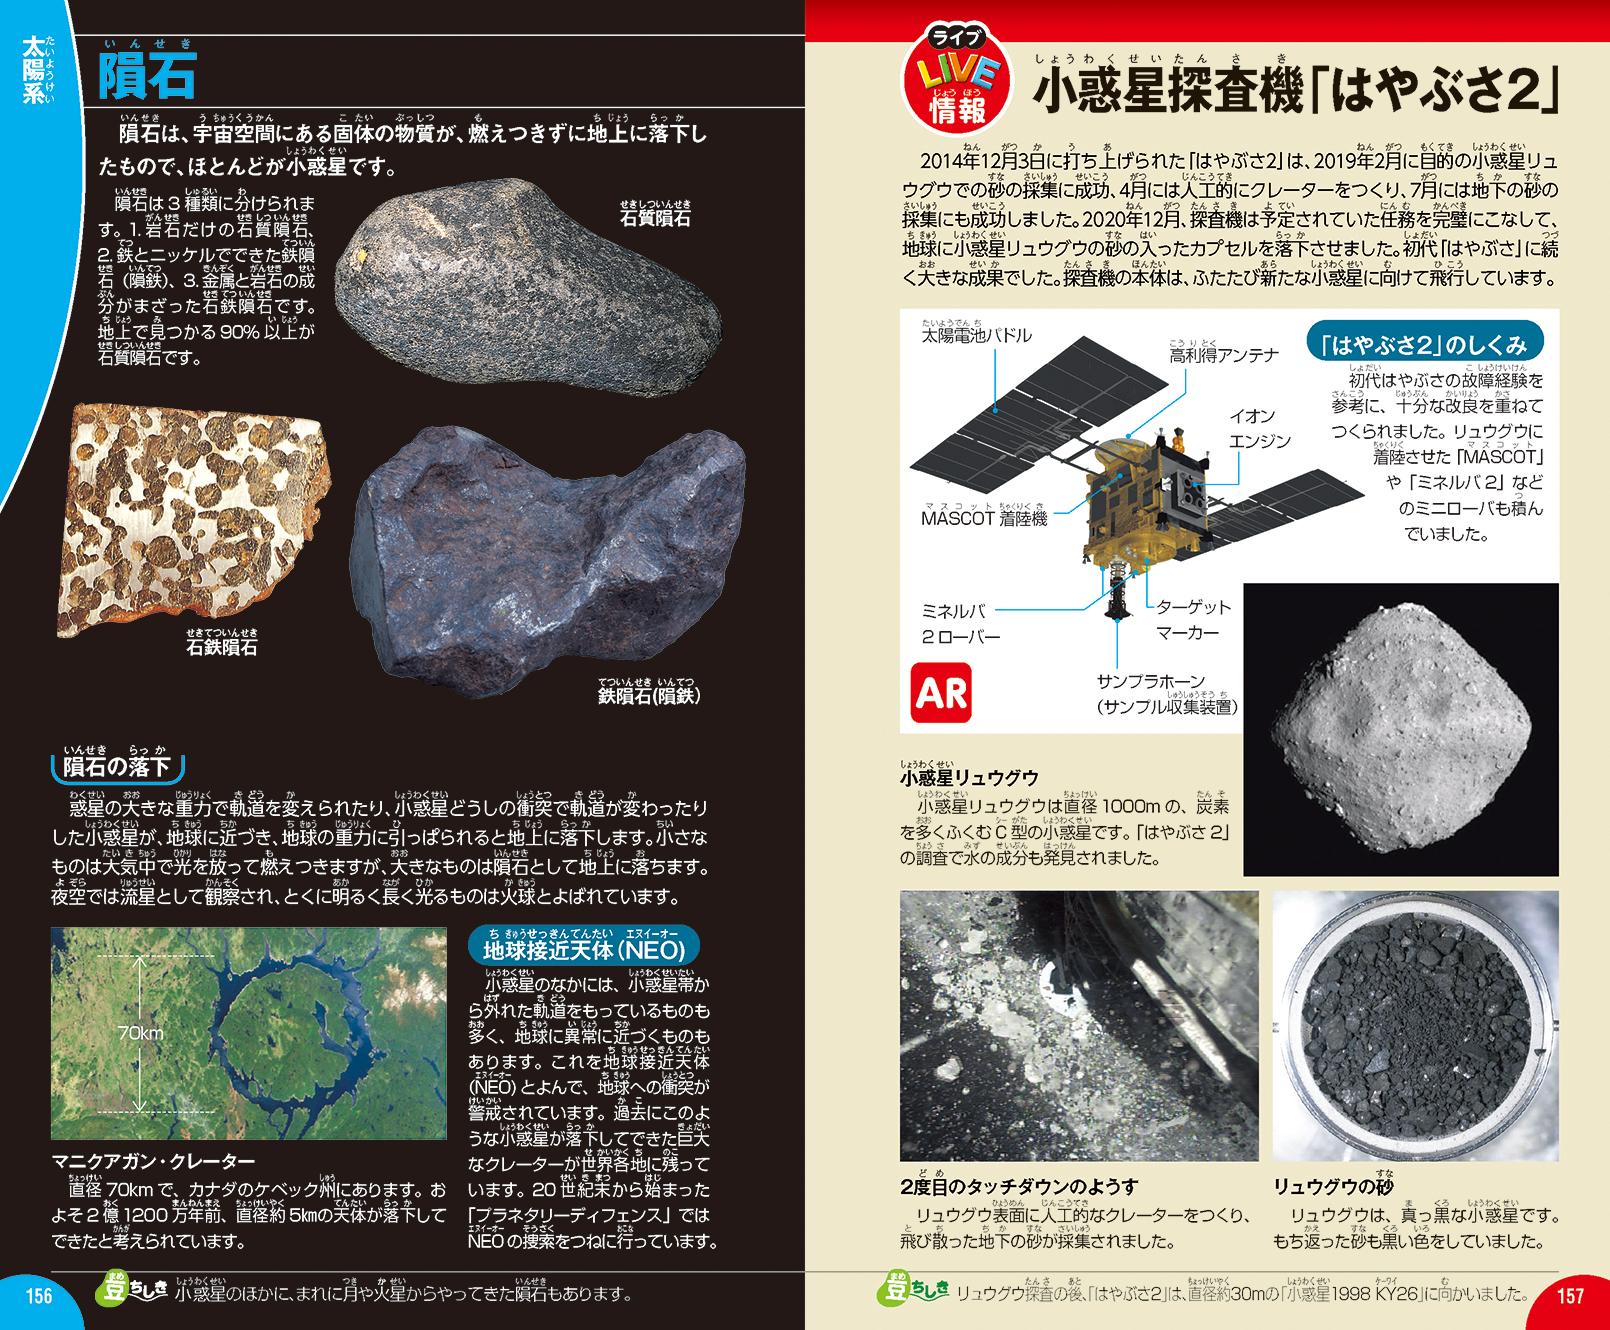 「はやぶさ2」と小惑星リュウグウ 持ち帰った砂の写真などを掲載 紙面